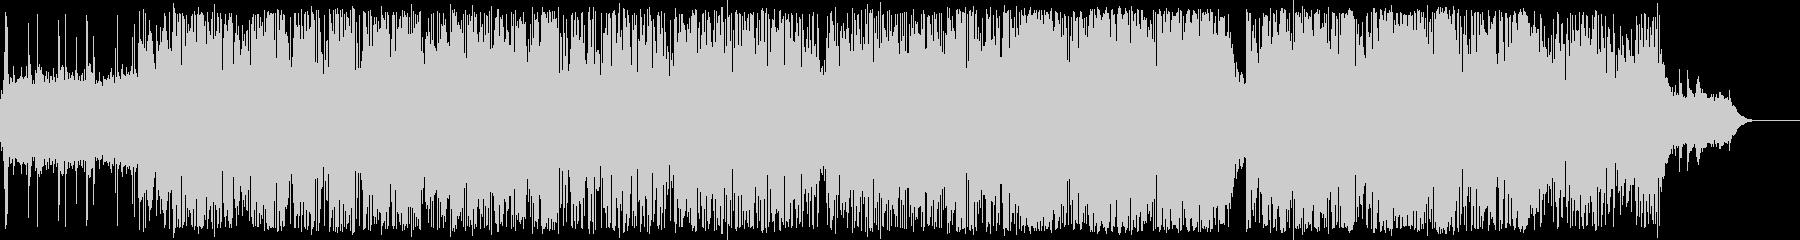 スペイシーなジャズ/ドラムンベースの未再生の波形